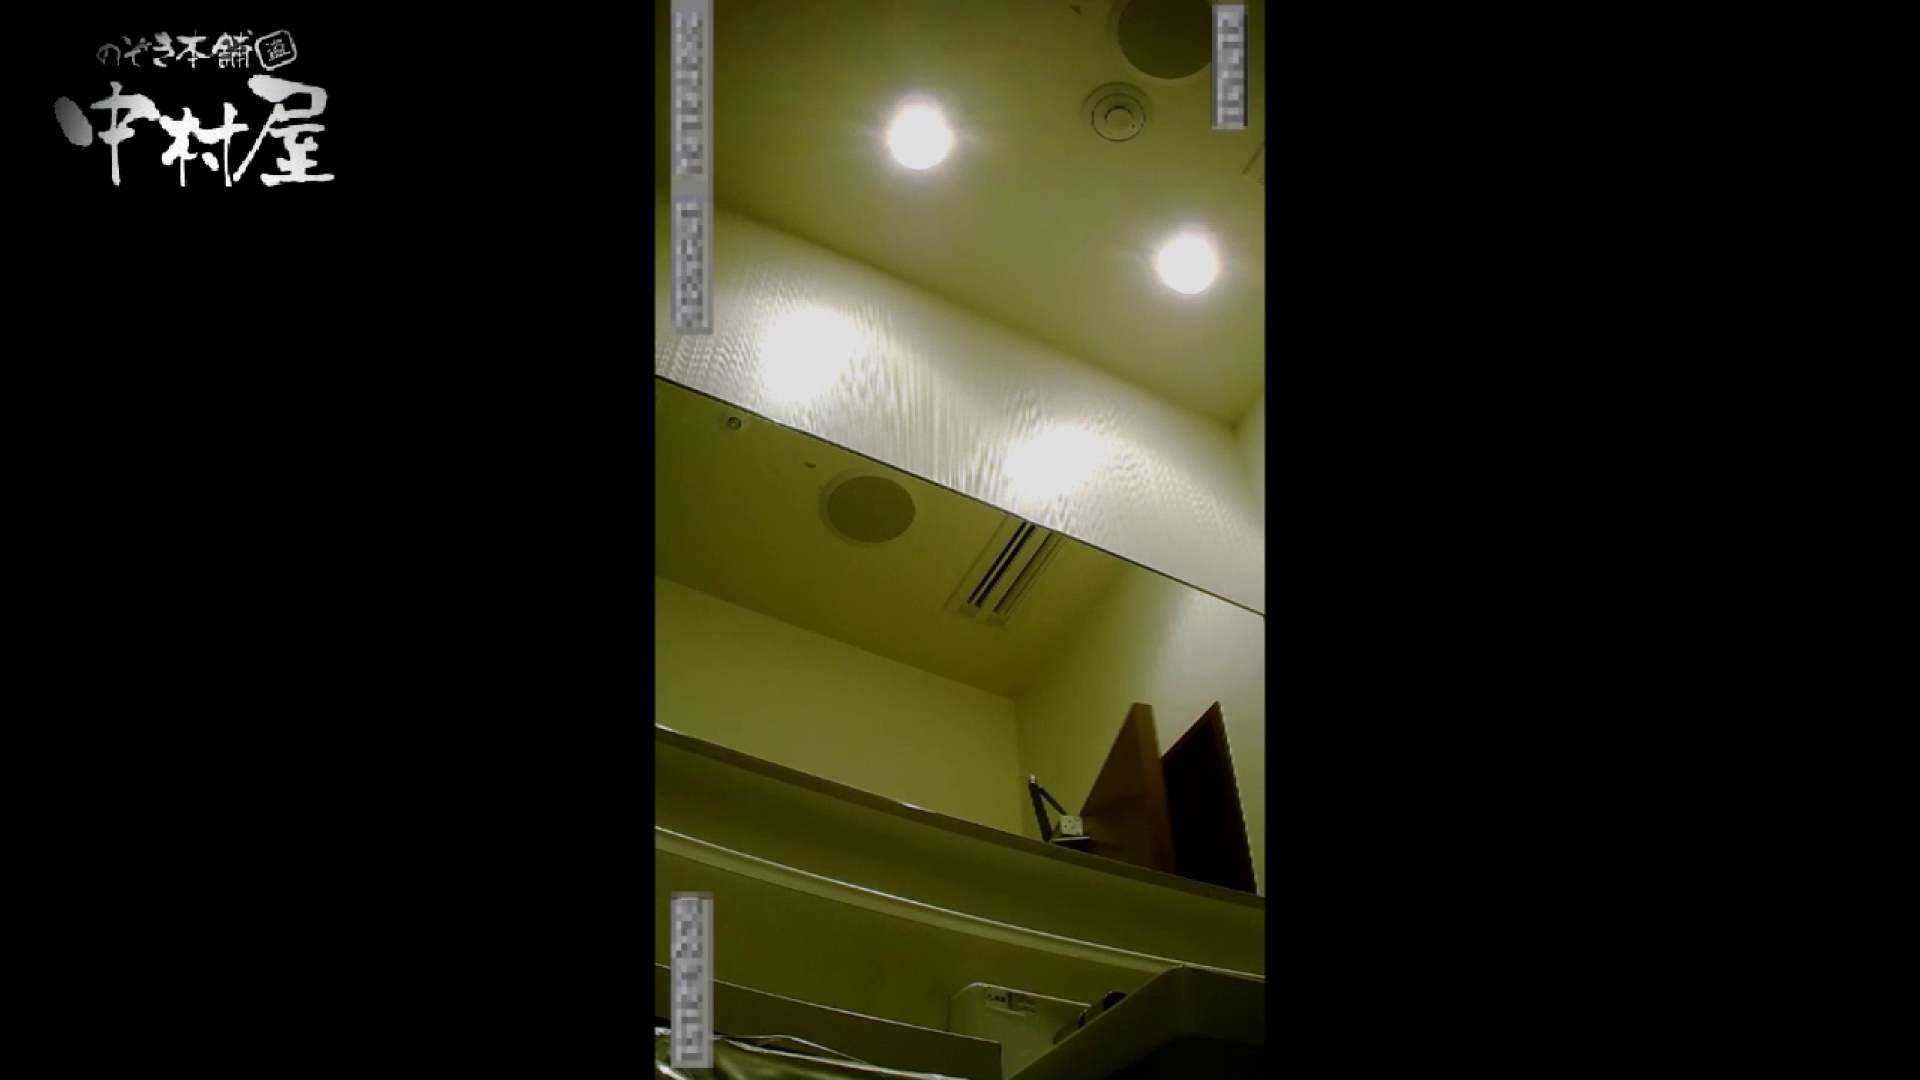 高画質トイレ盗撮vol.13 高画質 覗きおまんこ画像 94pic 69